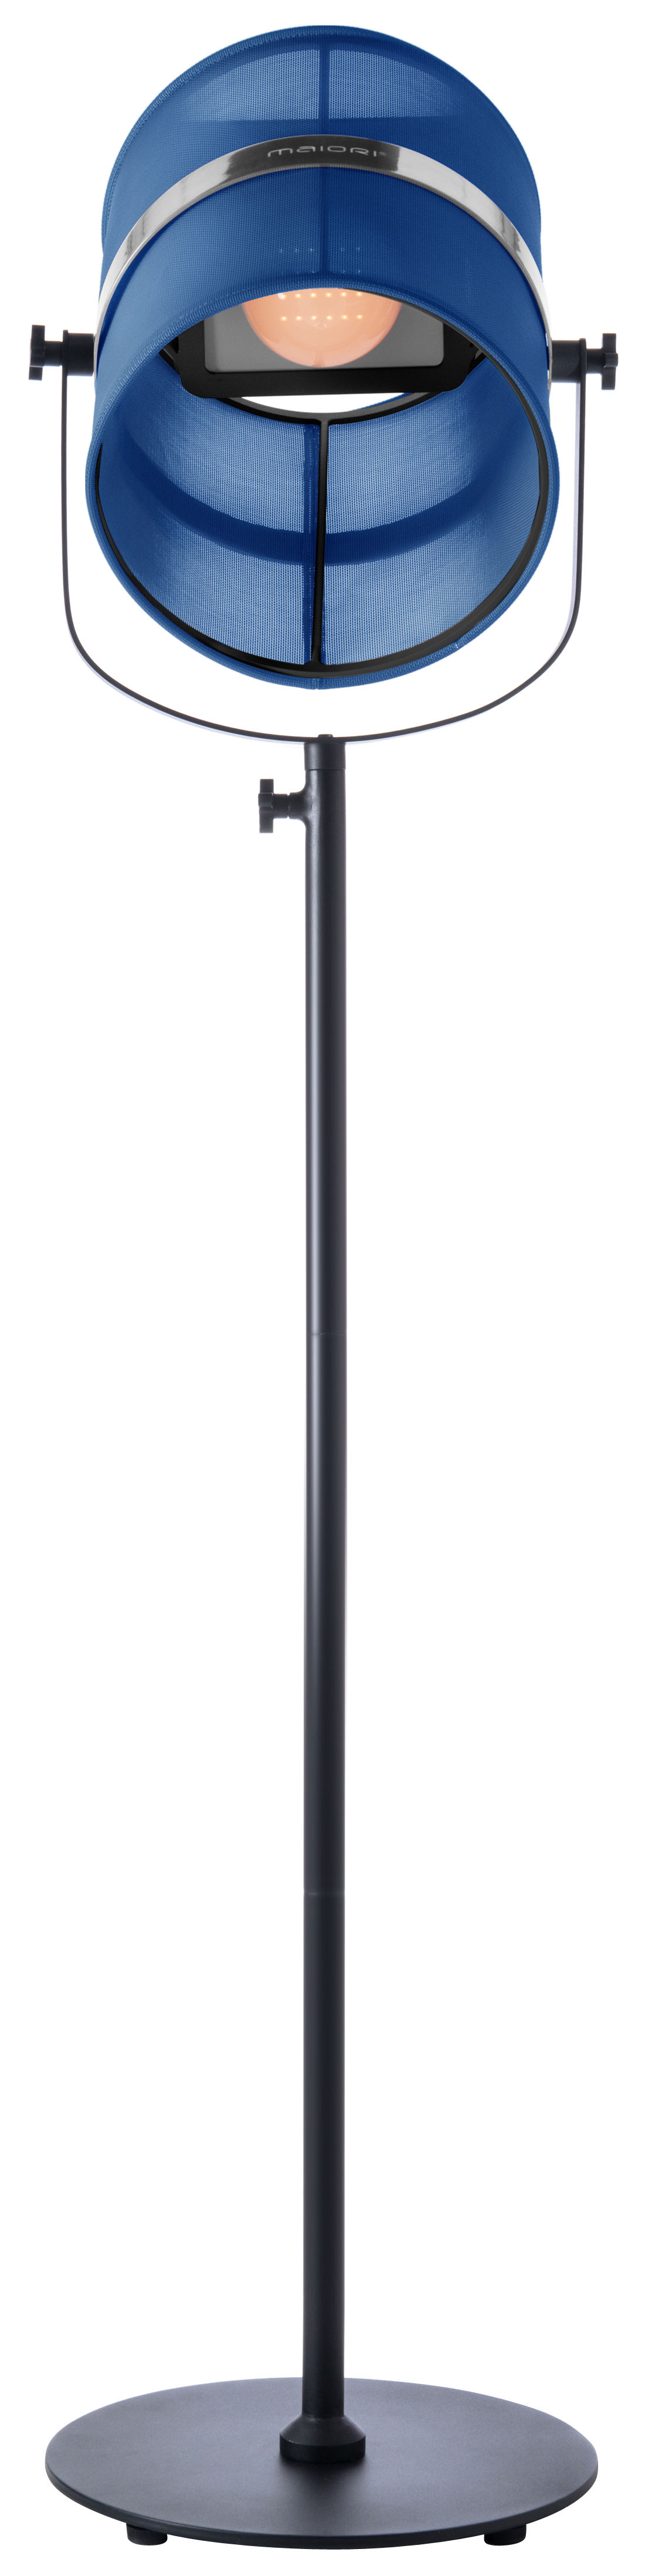 Luminaire - Lampadaires - Lampadaire solaire La Lampe Paris LED / Sans fil - Maiori - Bleu marine / Pied noir - Aluminium peint, Tissu